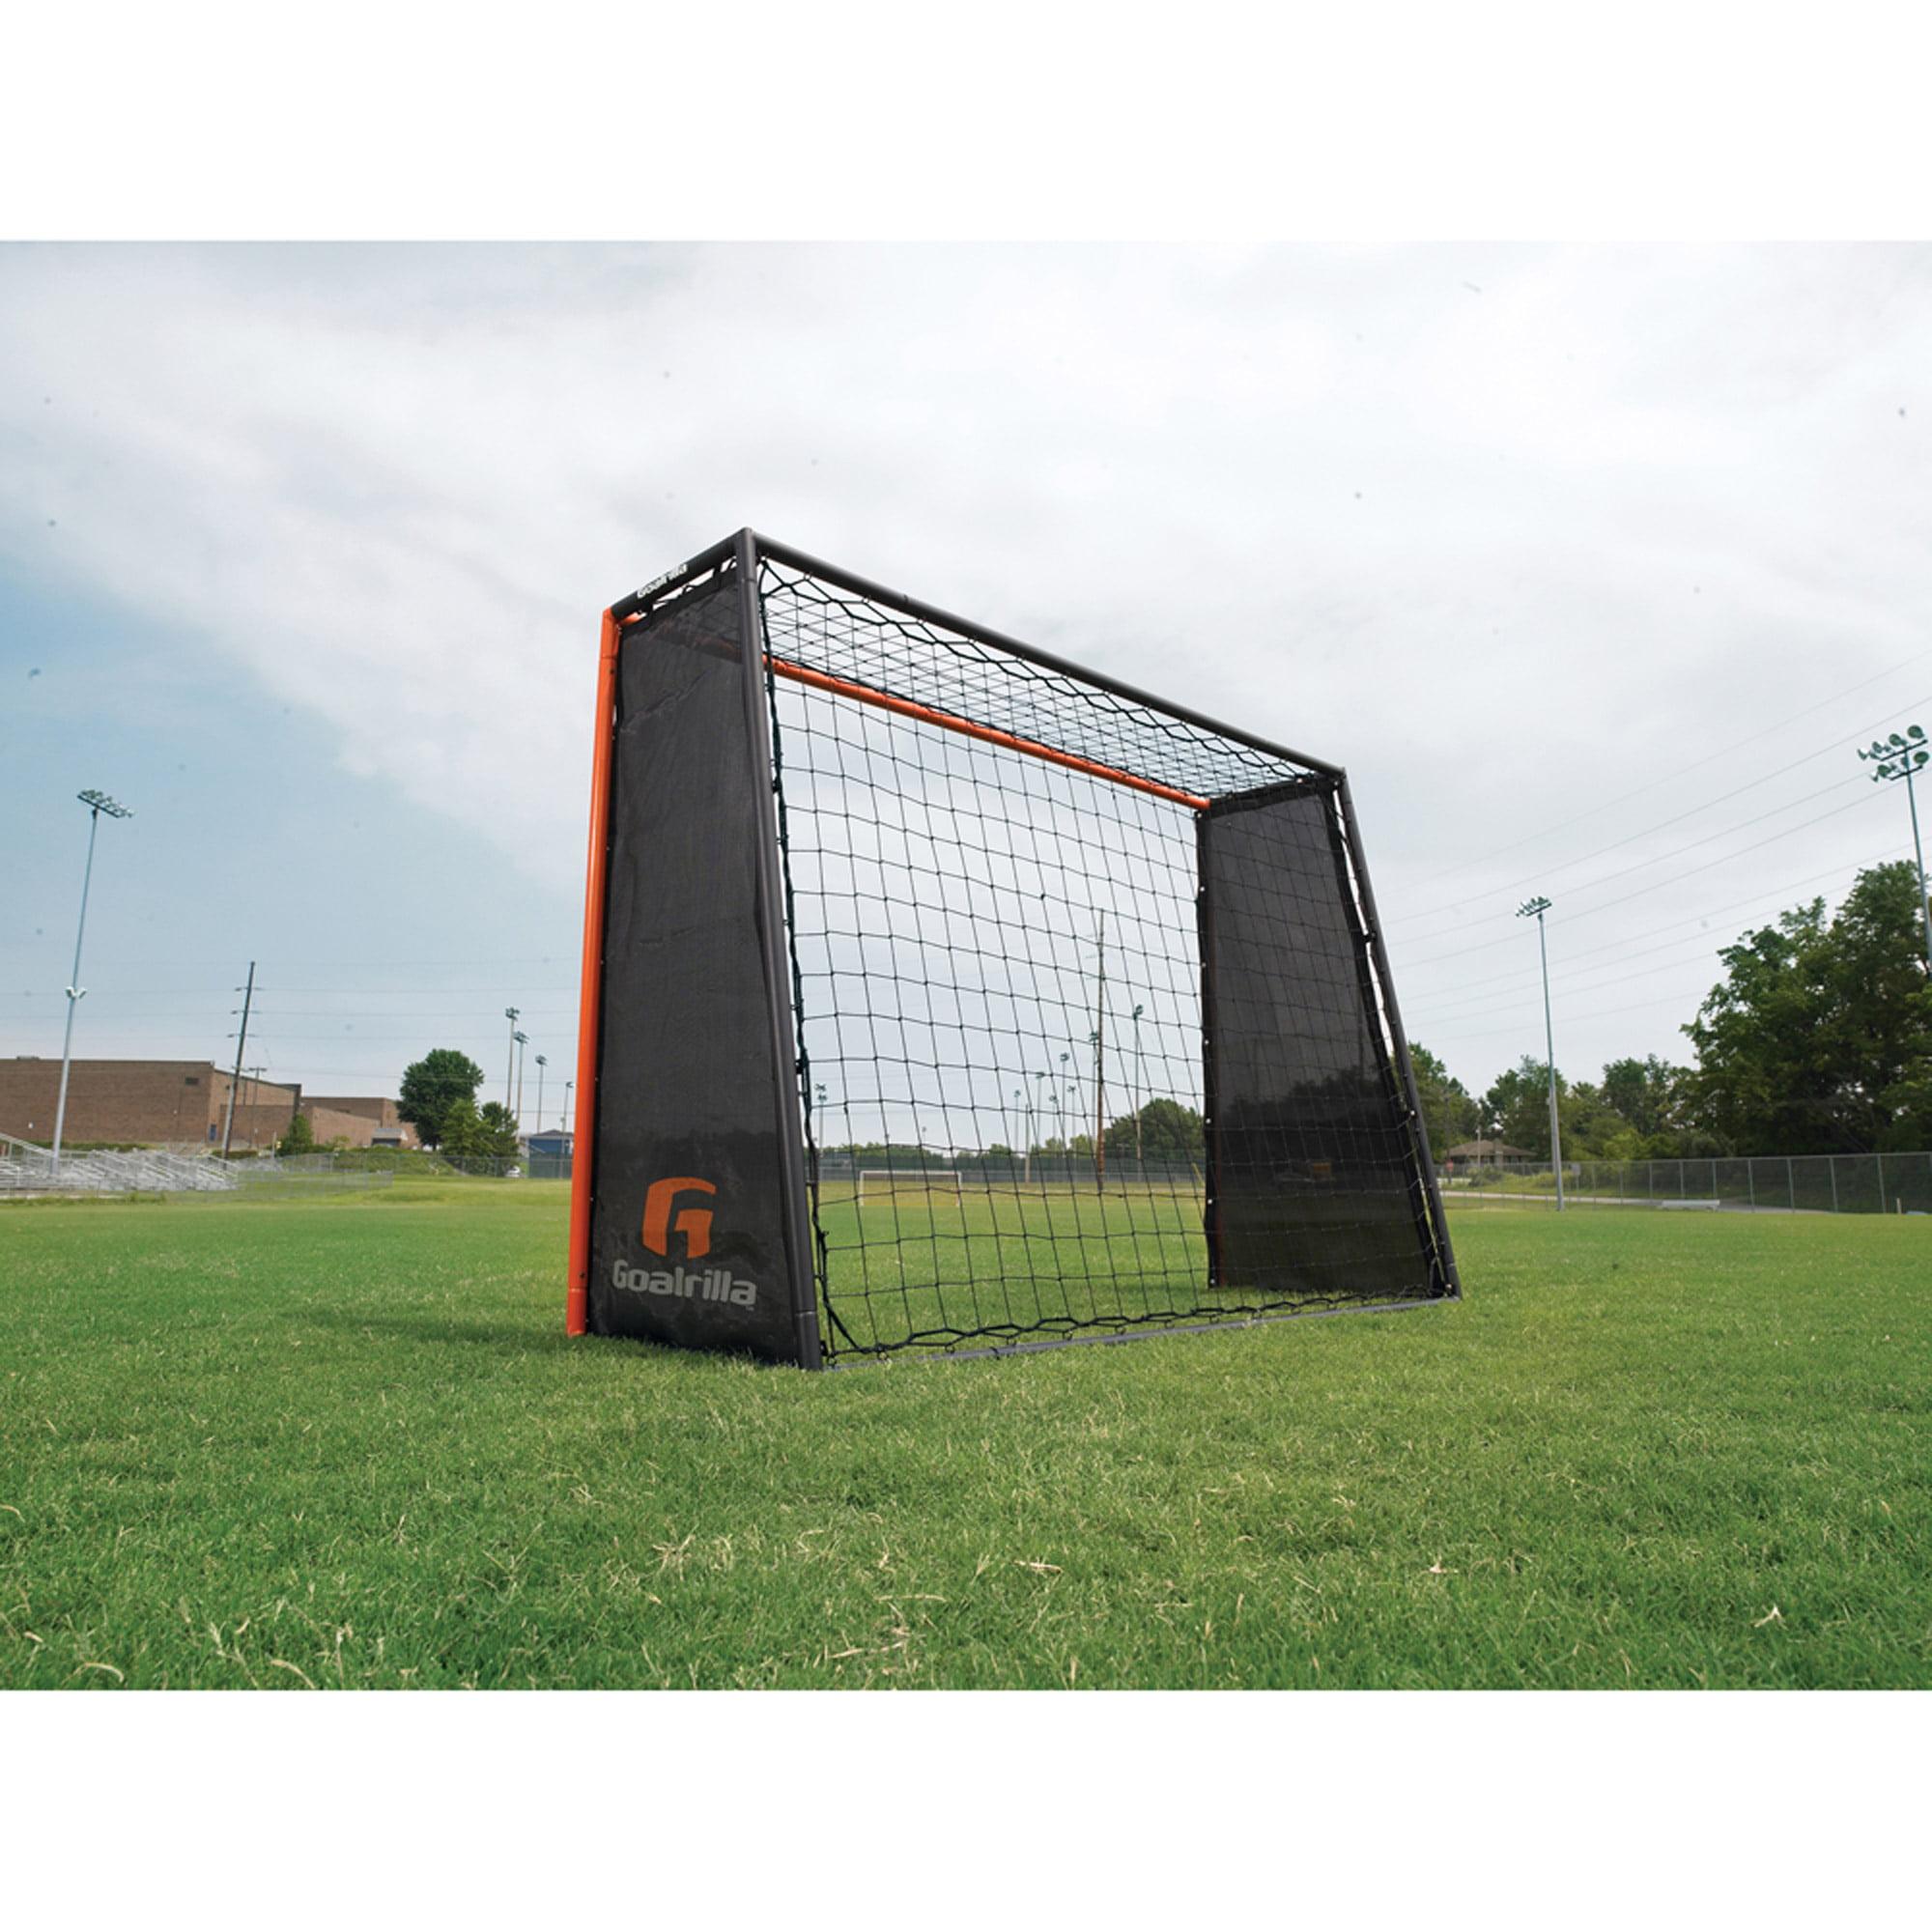 Goalrilla Striker Soccer Rebound Trainer by Goalrilla